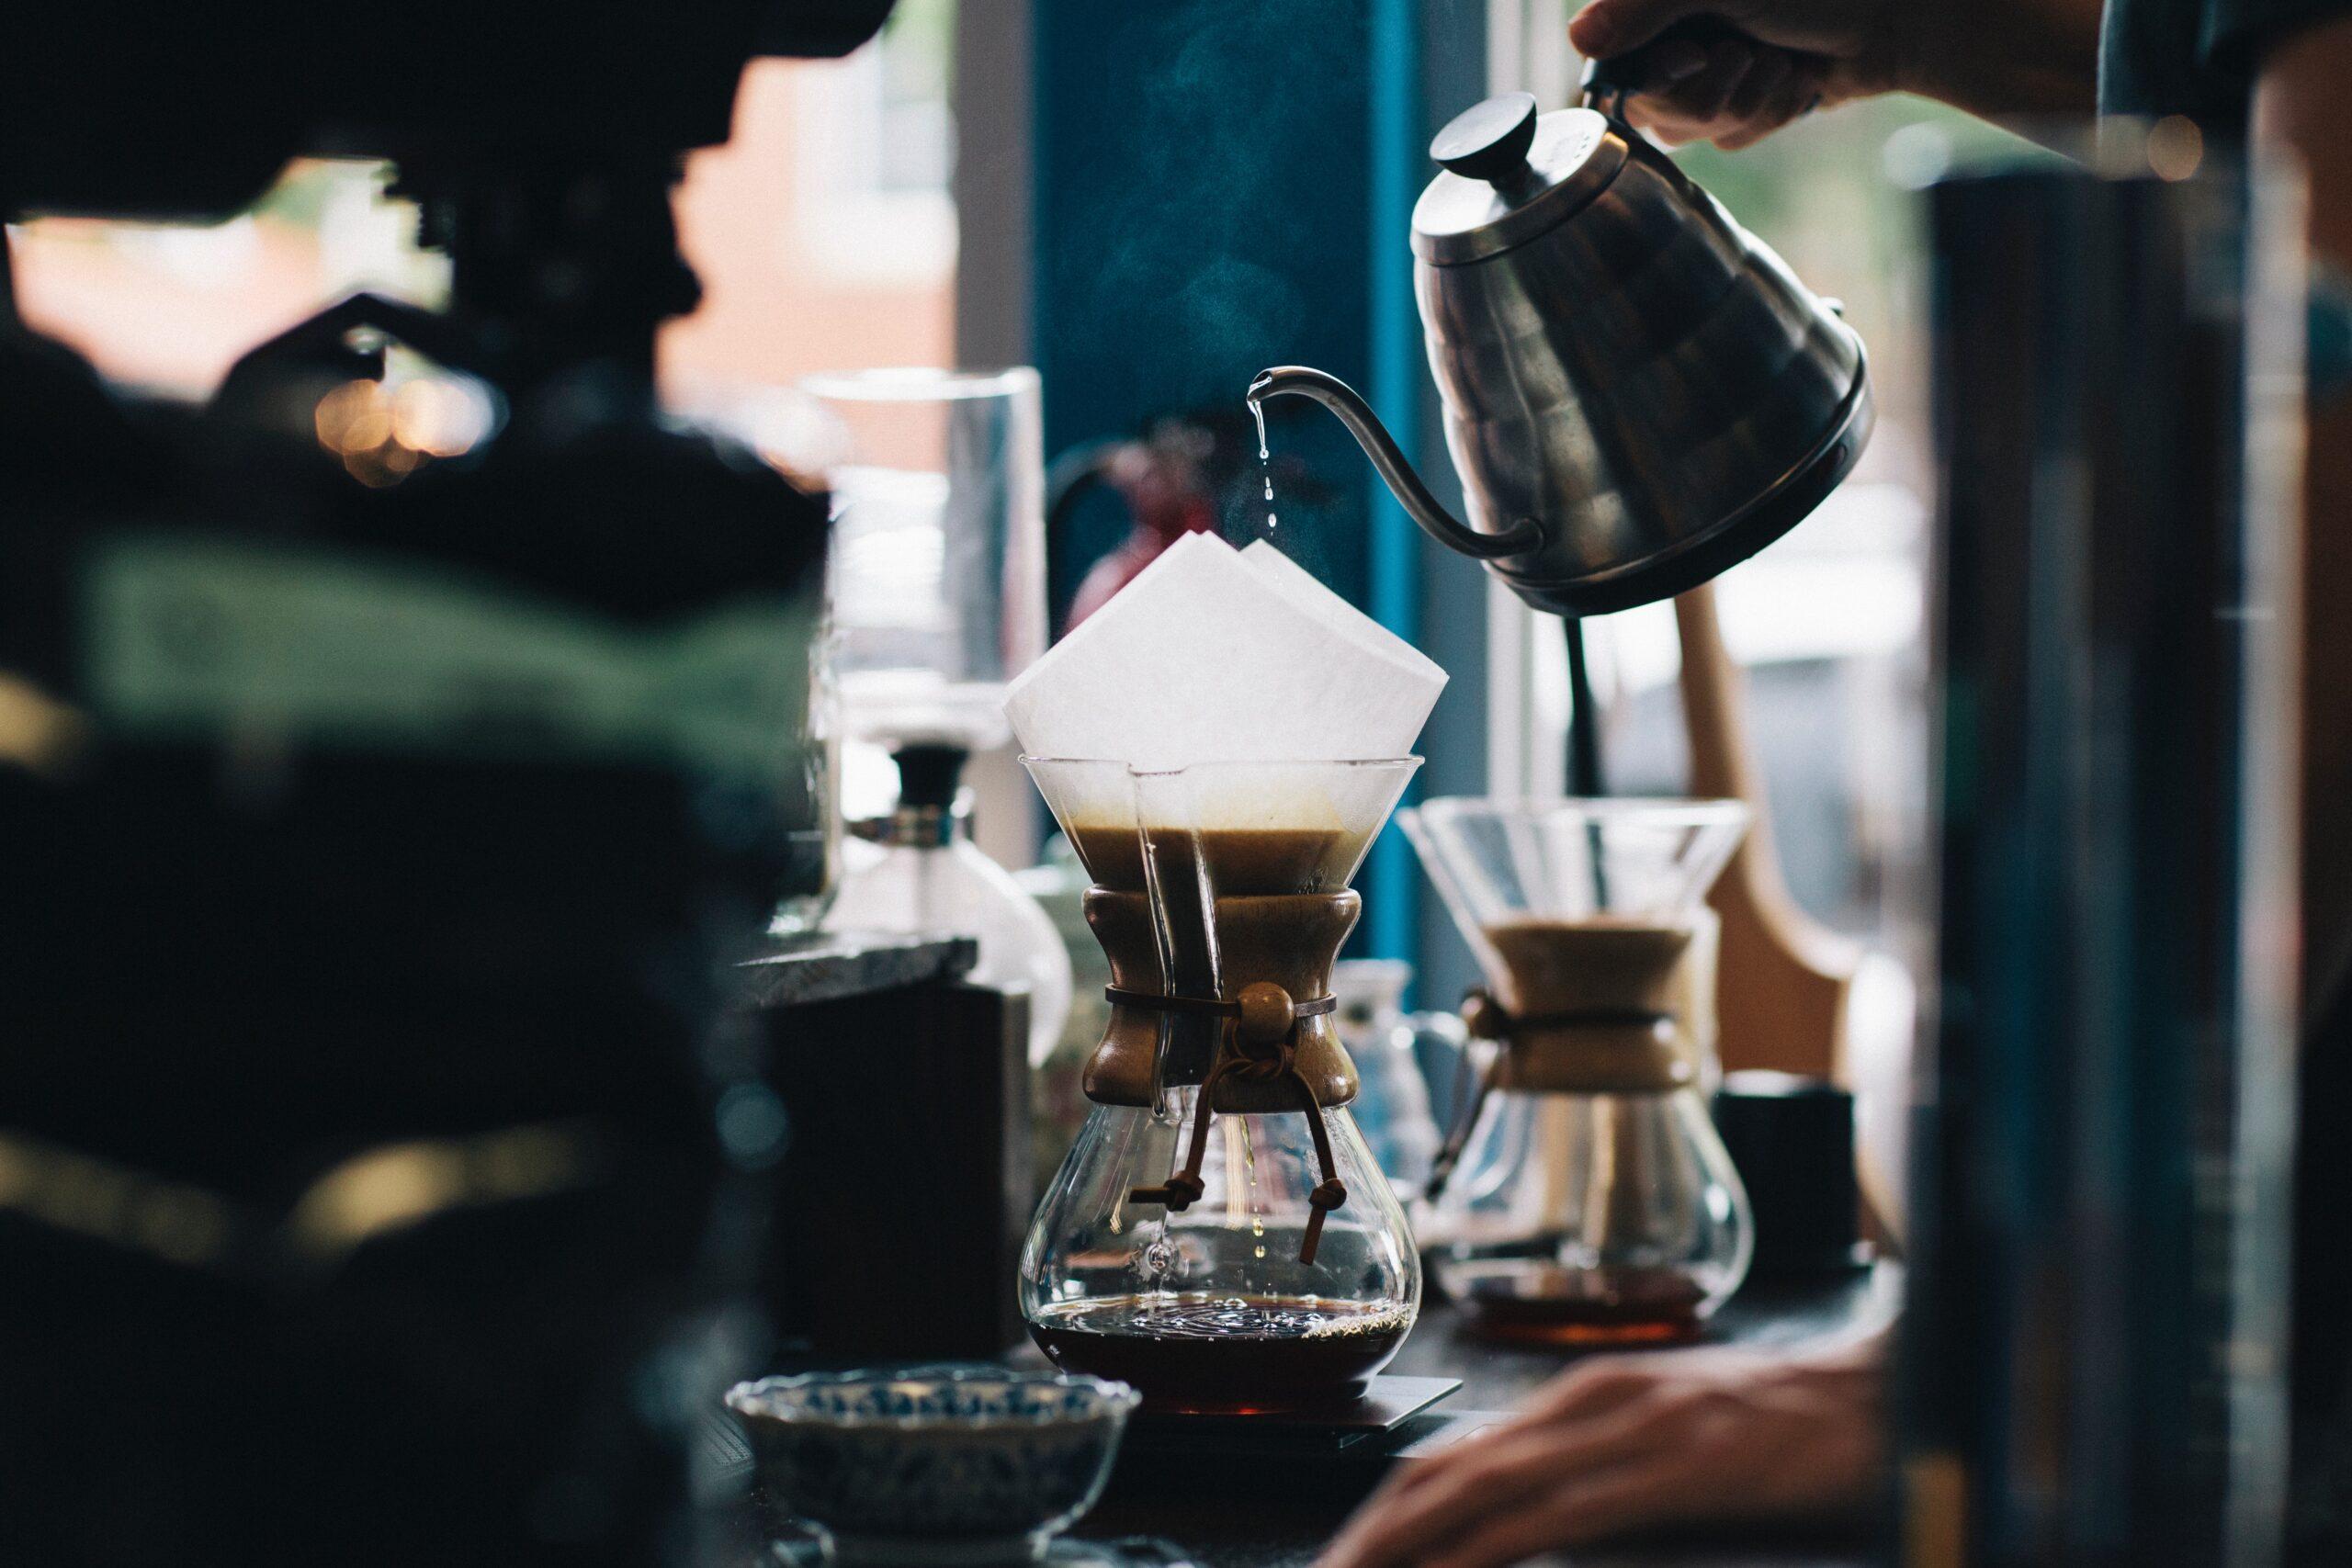 Nadmiar kawy może niekorzystanie wpływać na pracę mózgu